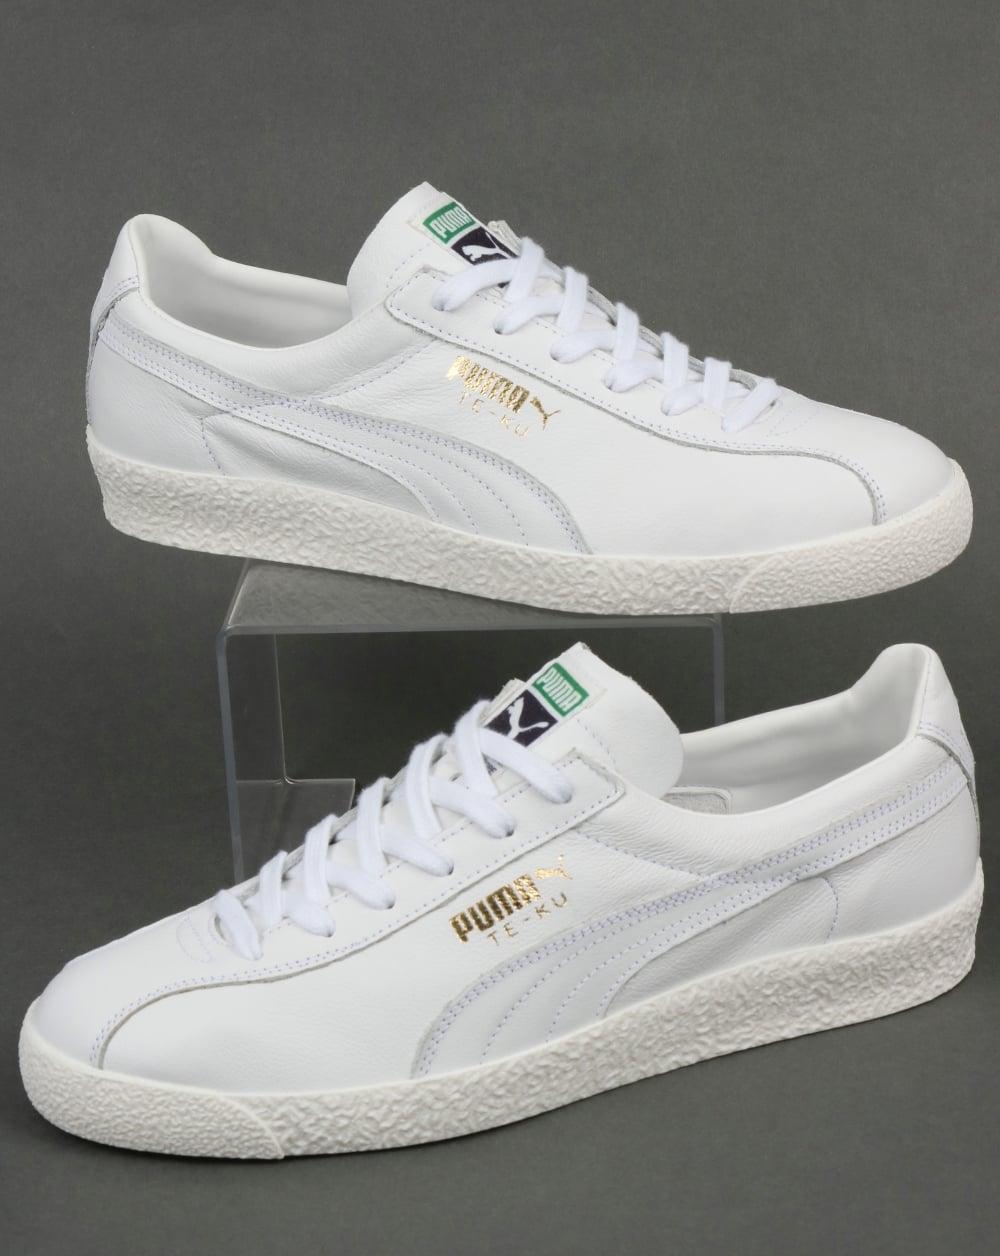 d3d3228f5e2a64 Puma Puma Te-ku Core Trainers White